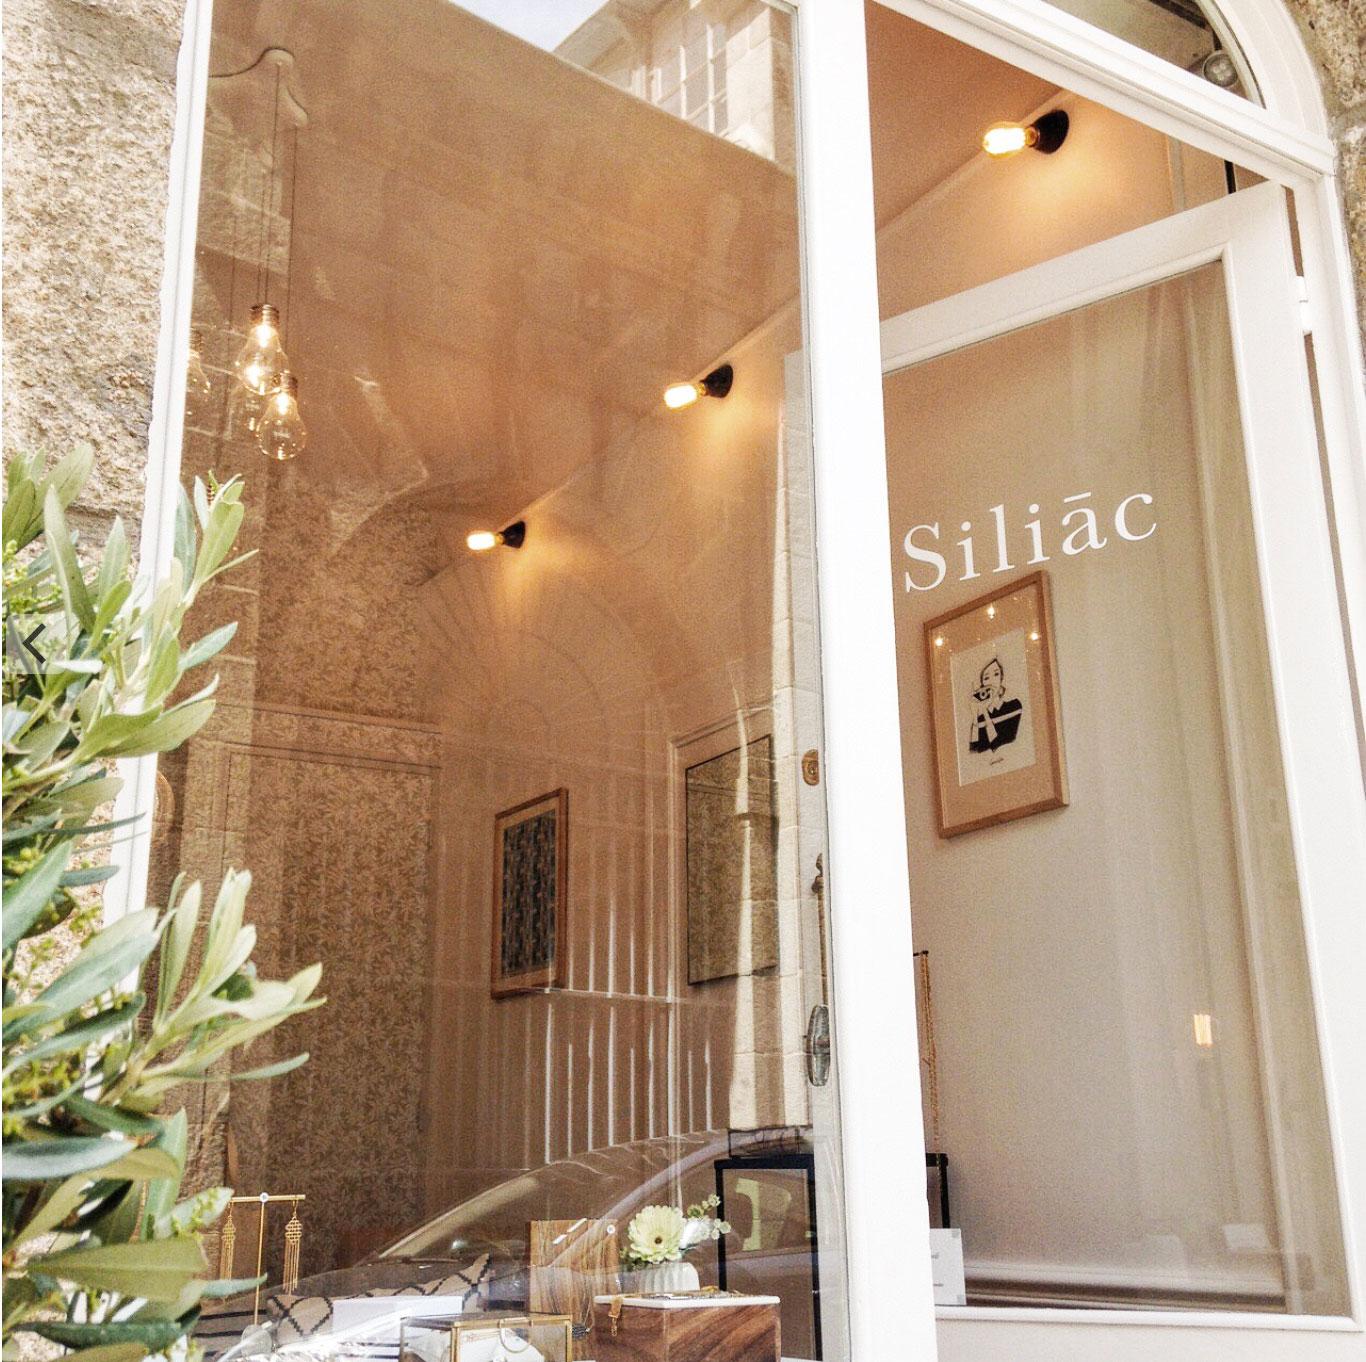 Boutique Siliac